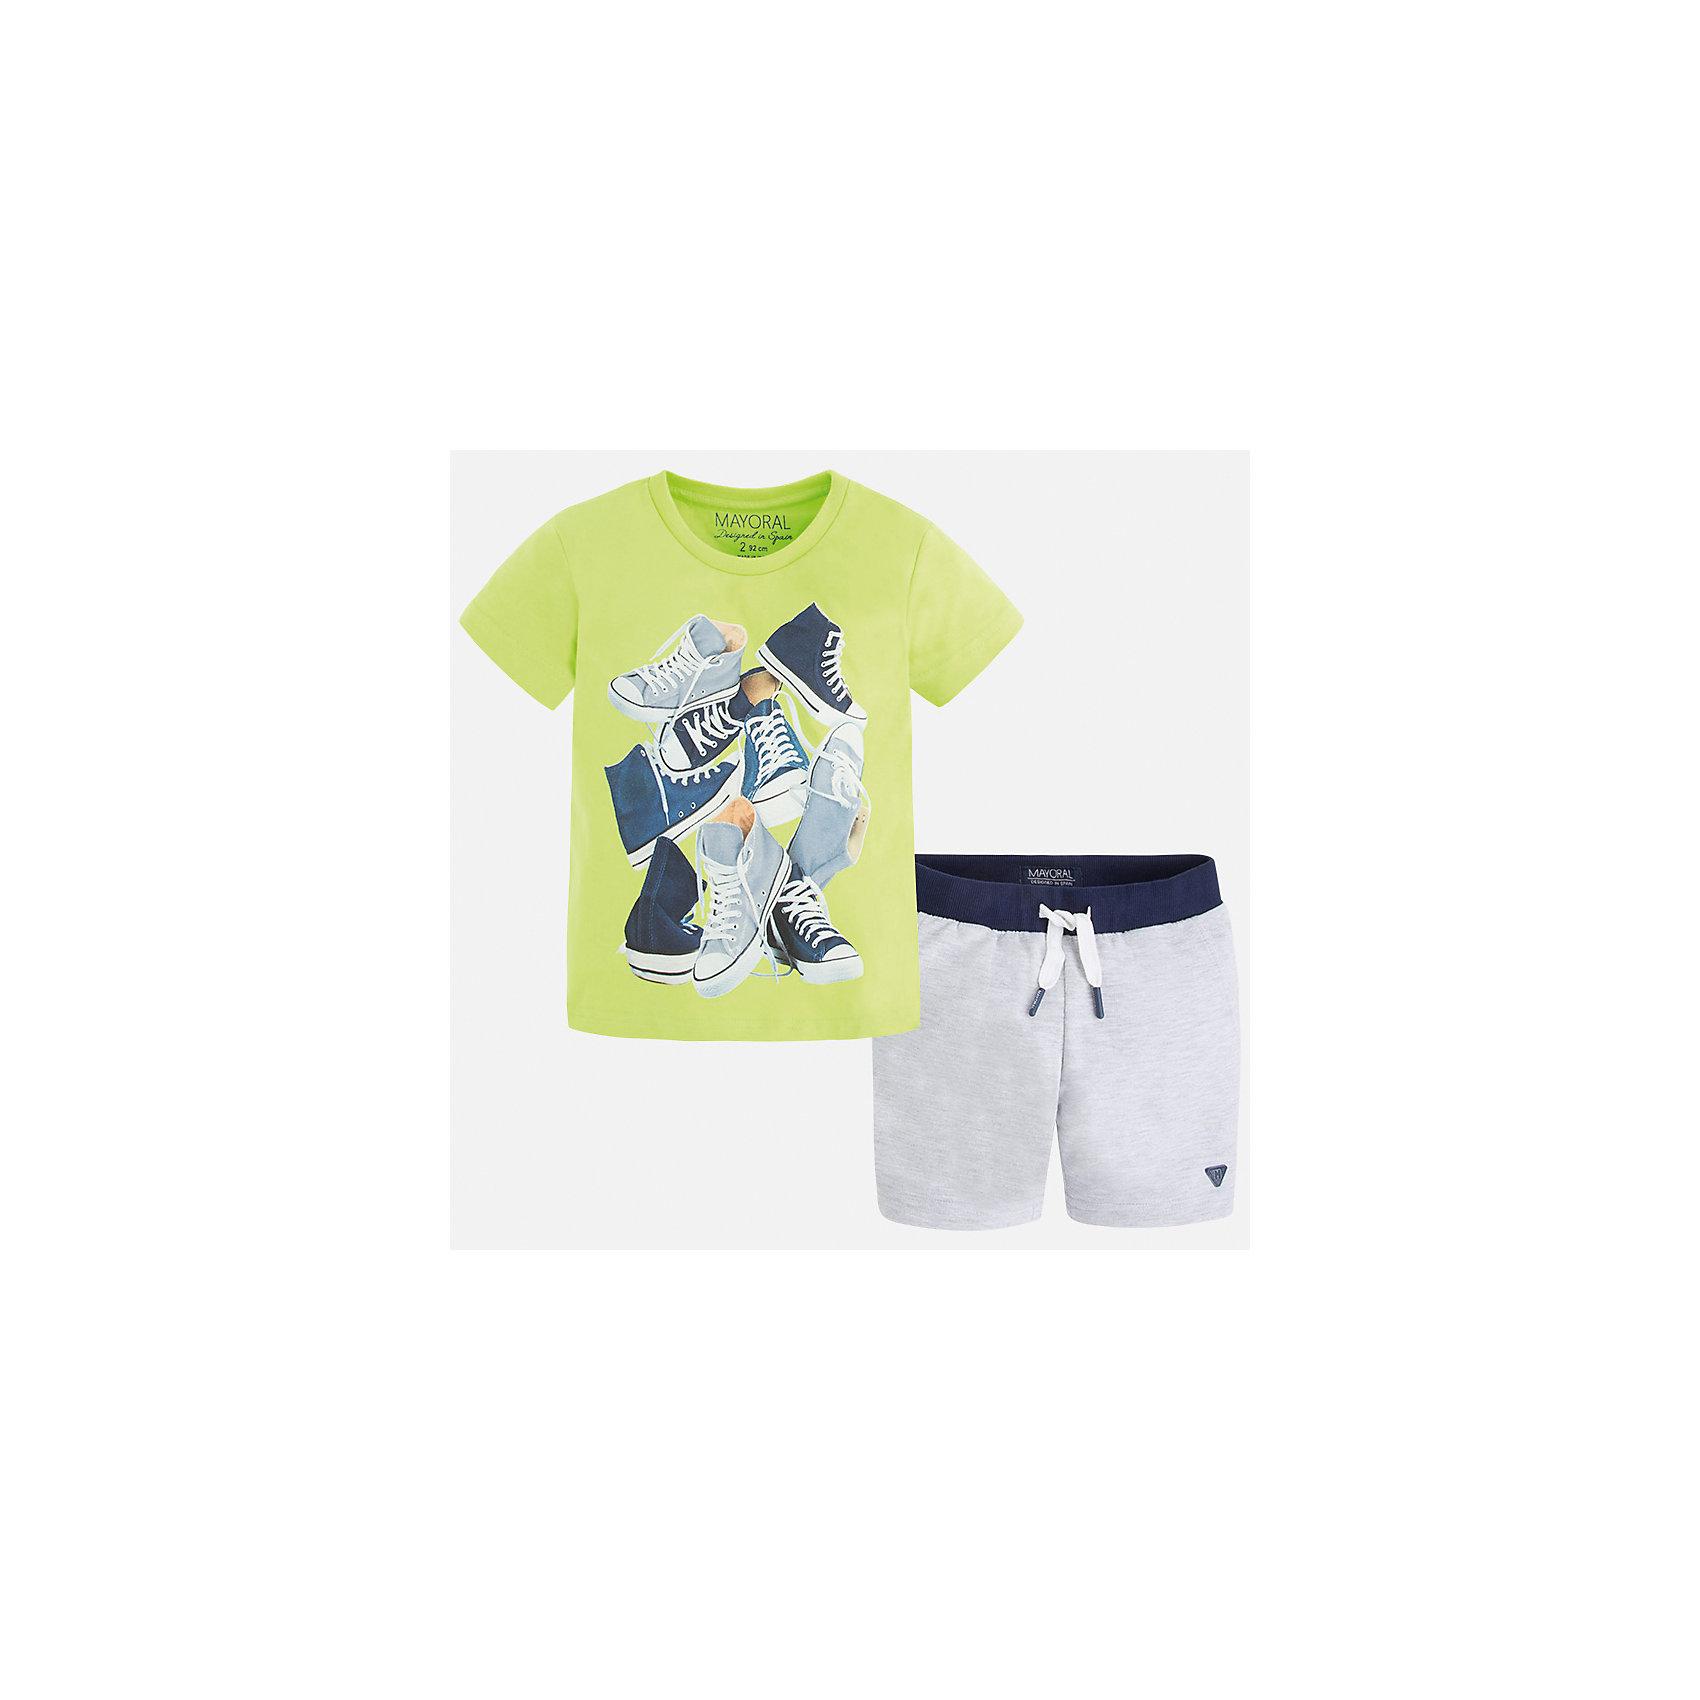 Комплект: футболка и шорты для мальчика MayoralКомплекты<br>Характеристики товара:<br><br>• цвет: зеленый/серый<br>• состав: футболка - 100% хлопок, шорты - 60% хлопок, 40% полиэстер<br>• комплектация: шорты, футболка<br>• круглый горловой вырез<br>• декорирована принтом<br>• короткие рукава<br>• шорты - пояс со шнурком<br>• страна бренда: Испания<br><br>Стильная удобная футболка с принтом и шорты помогут разнообразить гардероб мальчика и удобно одеться. Универсальный цвет позволяет подобрать к вещам верхнюю одежду практически любой расцветки. Интересная отделка модели делает её нарядной и оригинальной. В составе материала - только натуральный хлопок, гипоаллергенный, приятный на ощупь, дышащий.<br><br>Одежда, обувь и аксессуары от испанского бренда Mayoral полюбились детям и взрослым по всему миру. Модели этой марки - стильные и удобные. Для их производства используются только безопасные, качественные материалы и фурнитура. Порадуйте ребенка модными и красивыми вещами от Mayoral! <br><br>Комплект для мальчика от испанского бренда Mayoral (Майорал) можно купить в нашем интернет-магазине.<br><br>Ширина мм: 215<br>Глубина мм: 88<br>Высота мм: 191<br>Вес г: 336<br>Цвет: зеленый<br>Возраст от месяцев: 18<br>Возраст до месяцев: 24<br>Пол: Мужской<br>Возраст: Детский<br>Размер: 98,104,110,116,122,92,128,134<br>SKU: 5280982